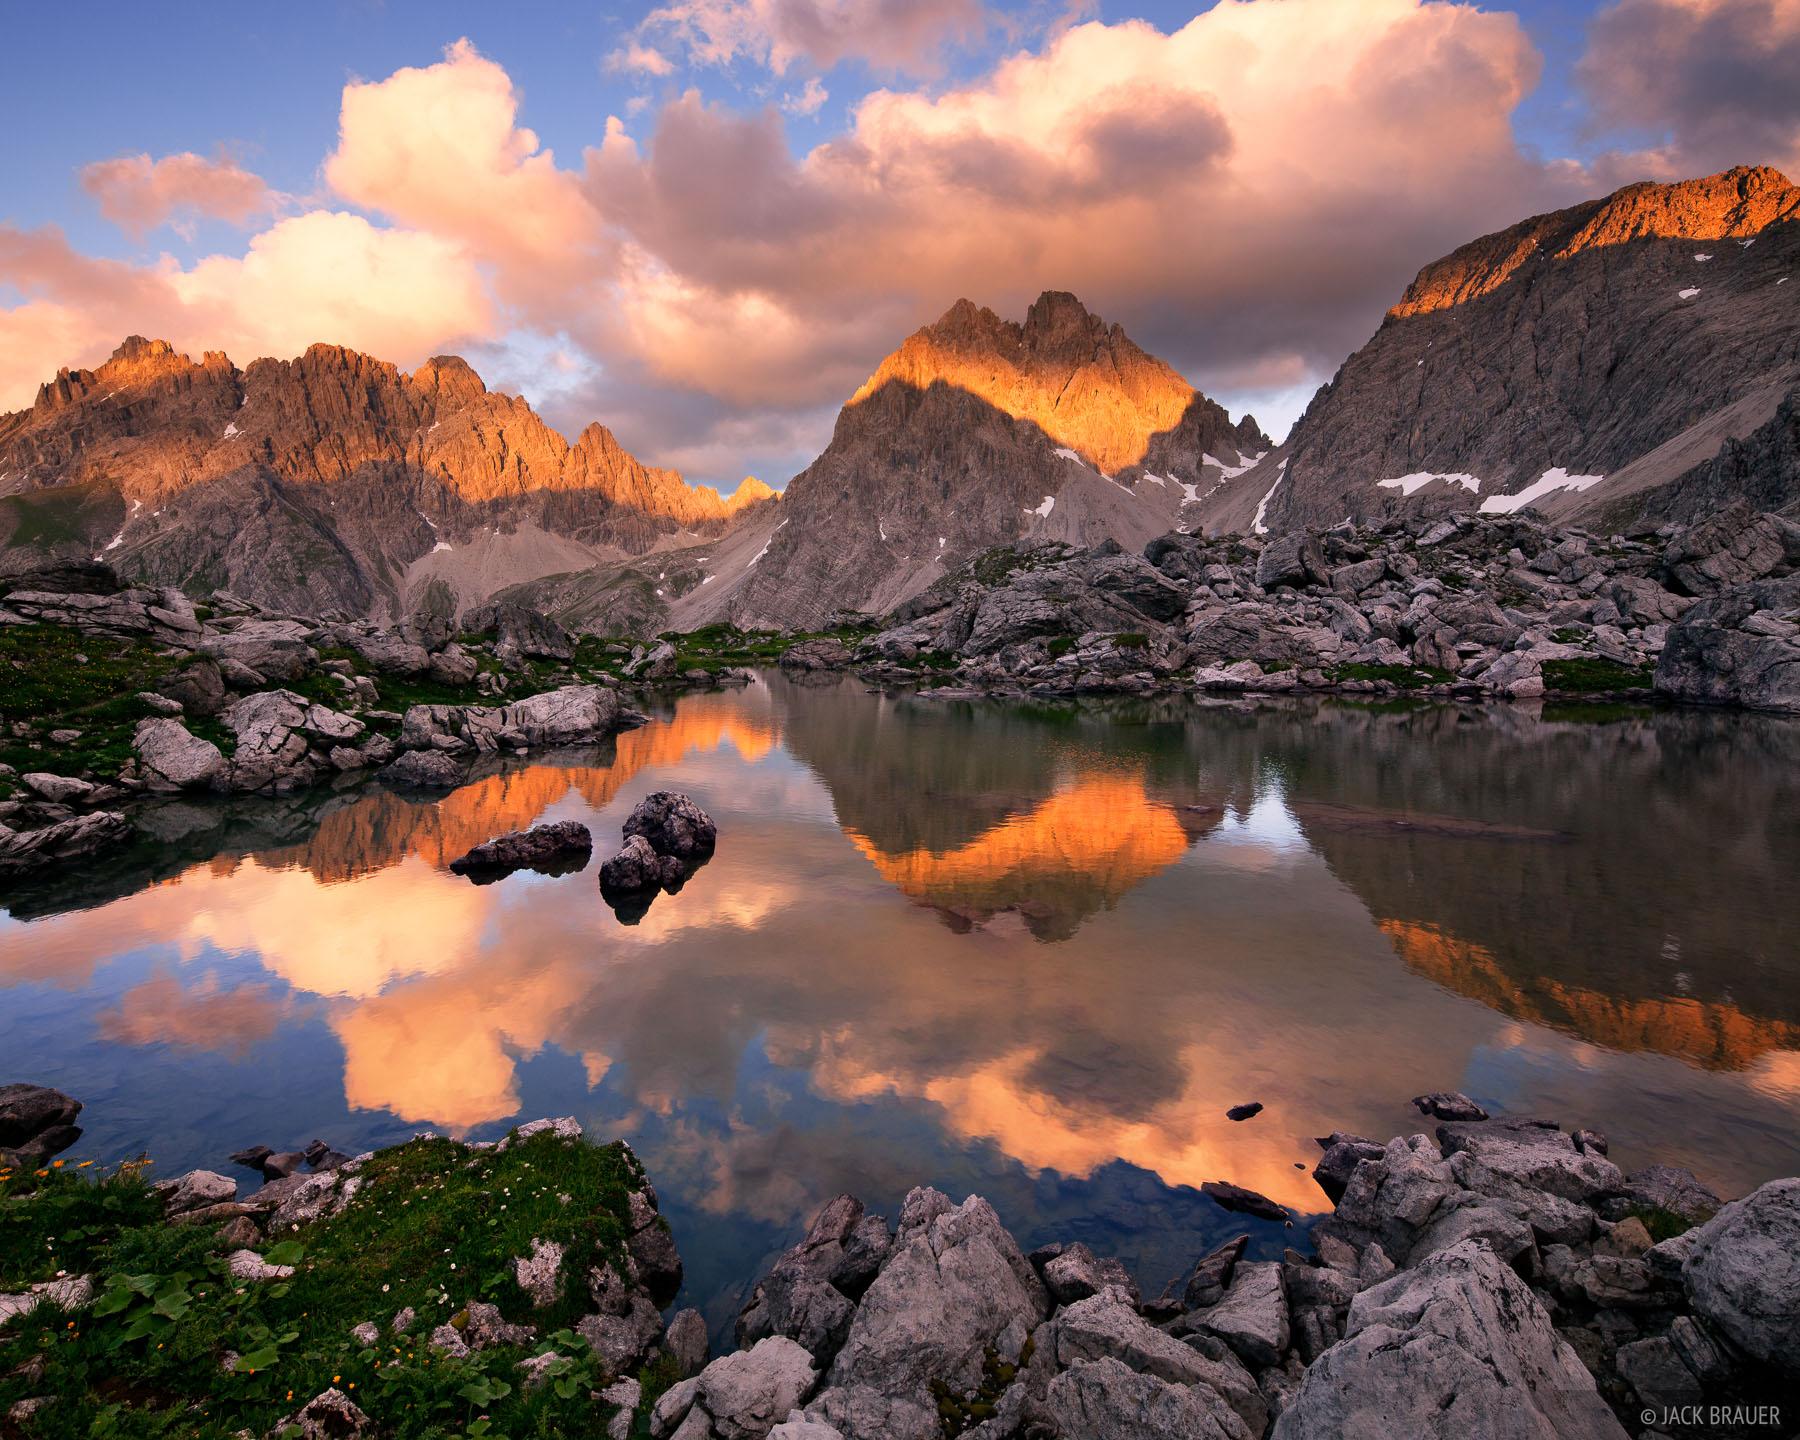 Lechtal Alps, Austria, Dremelspitze, Hanauer H, photo